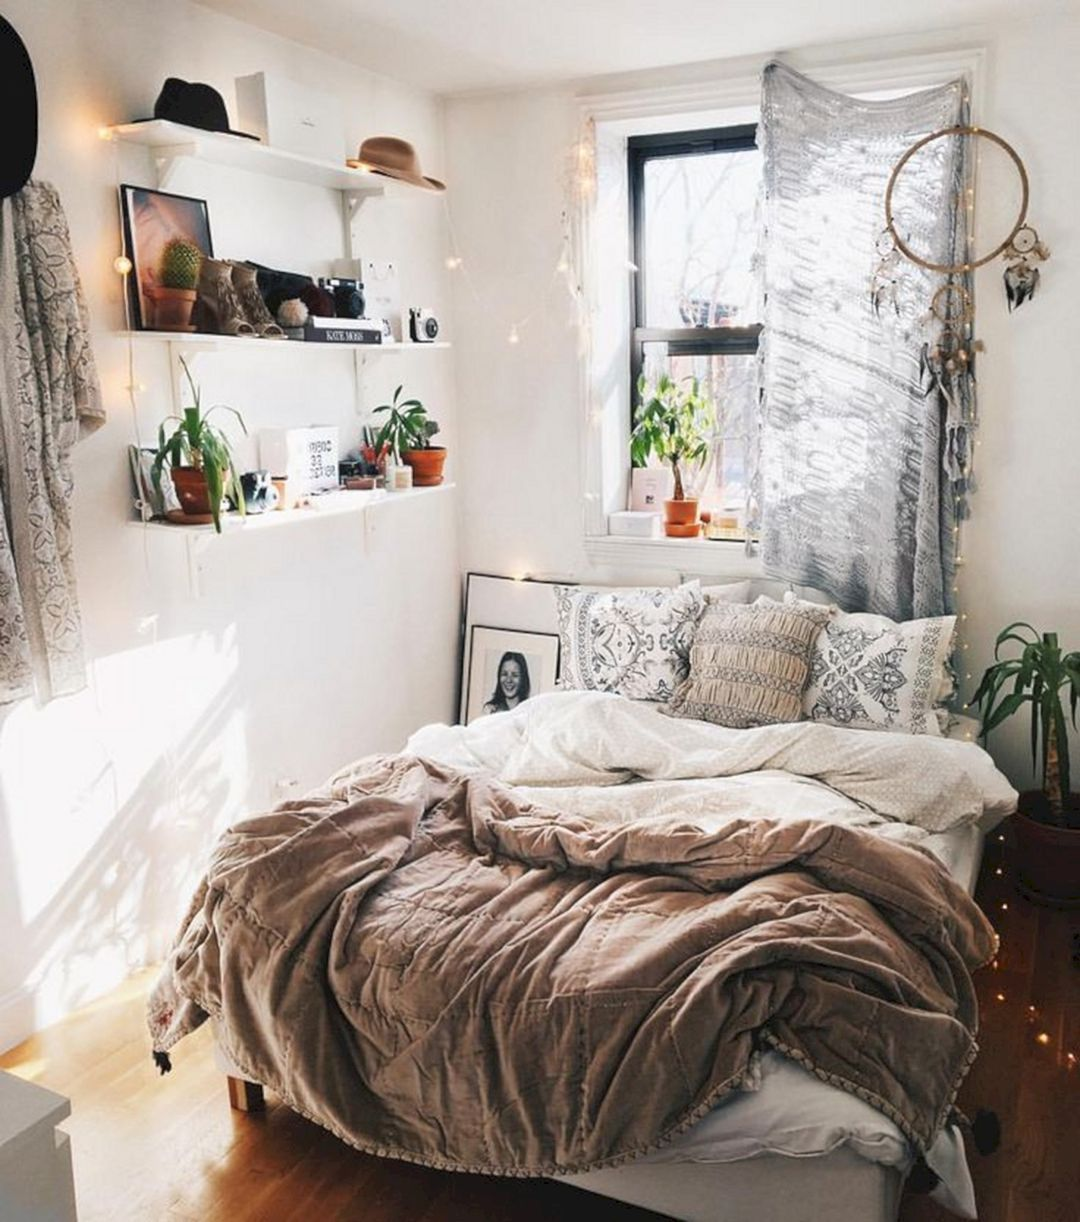 Astounding 30 Best Modern Bedroom Decorating For Your Cozy Bedroom Ideas Https Hroomy Com Bedroom 3 Cozy Small Bedrooms Small Bedroom Remodel Remodel Bedroom Great inspiration small bedroom